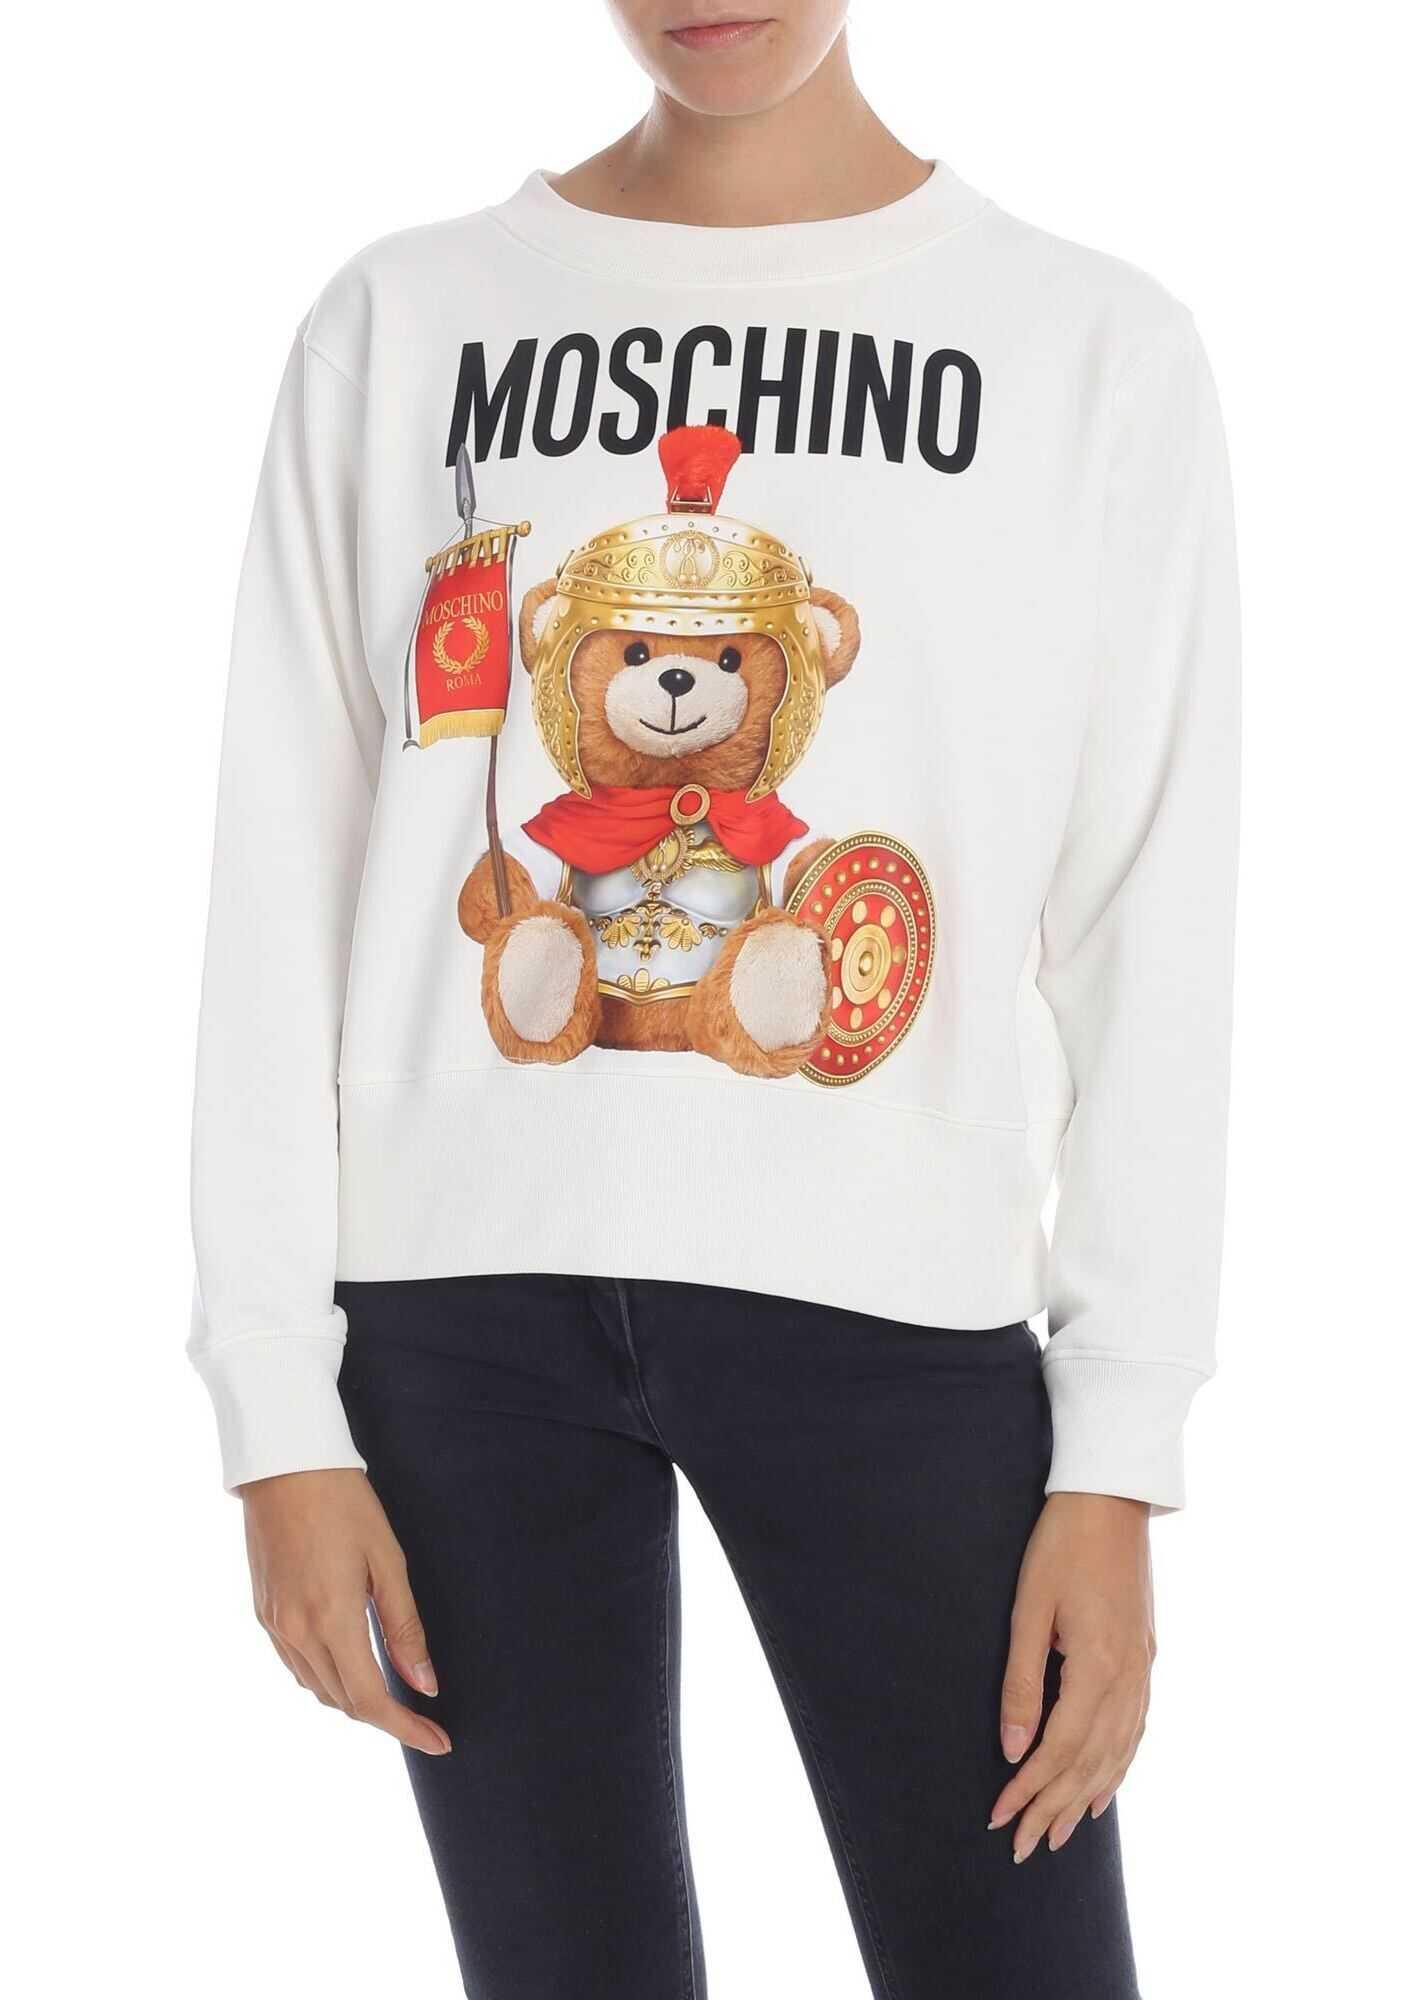 Moschino Roman Teddy Bear Sweatshirt In White White